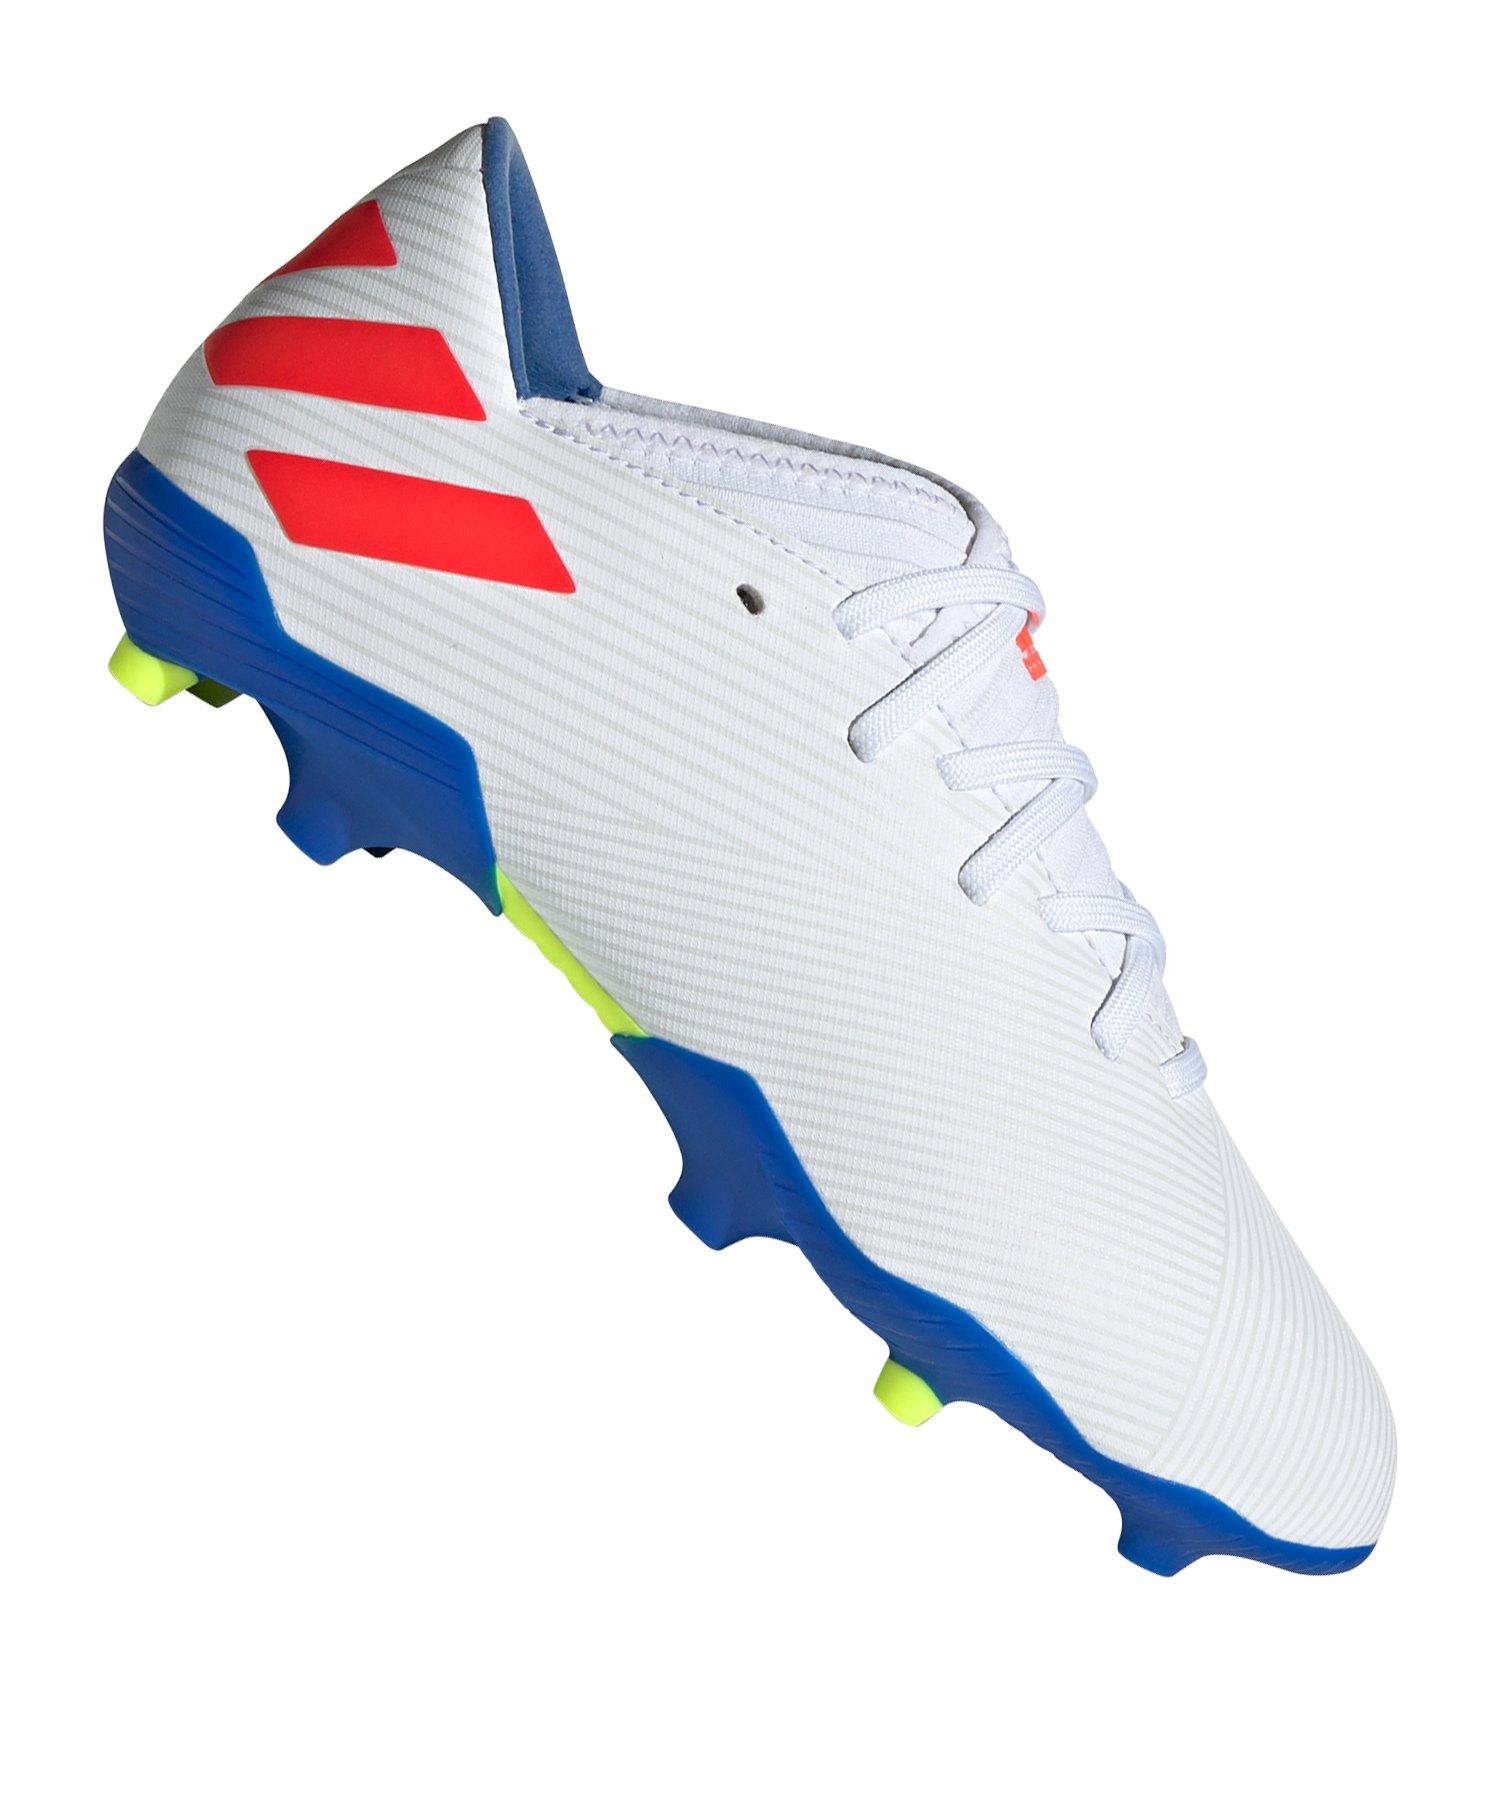 adidas NEMEZIZ Messi 19.3 FG J Kids Weiss Blau - Weiss